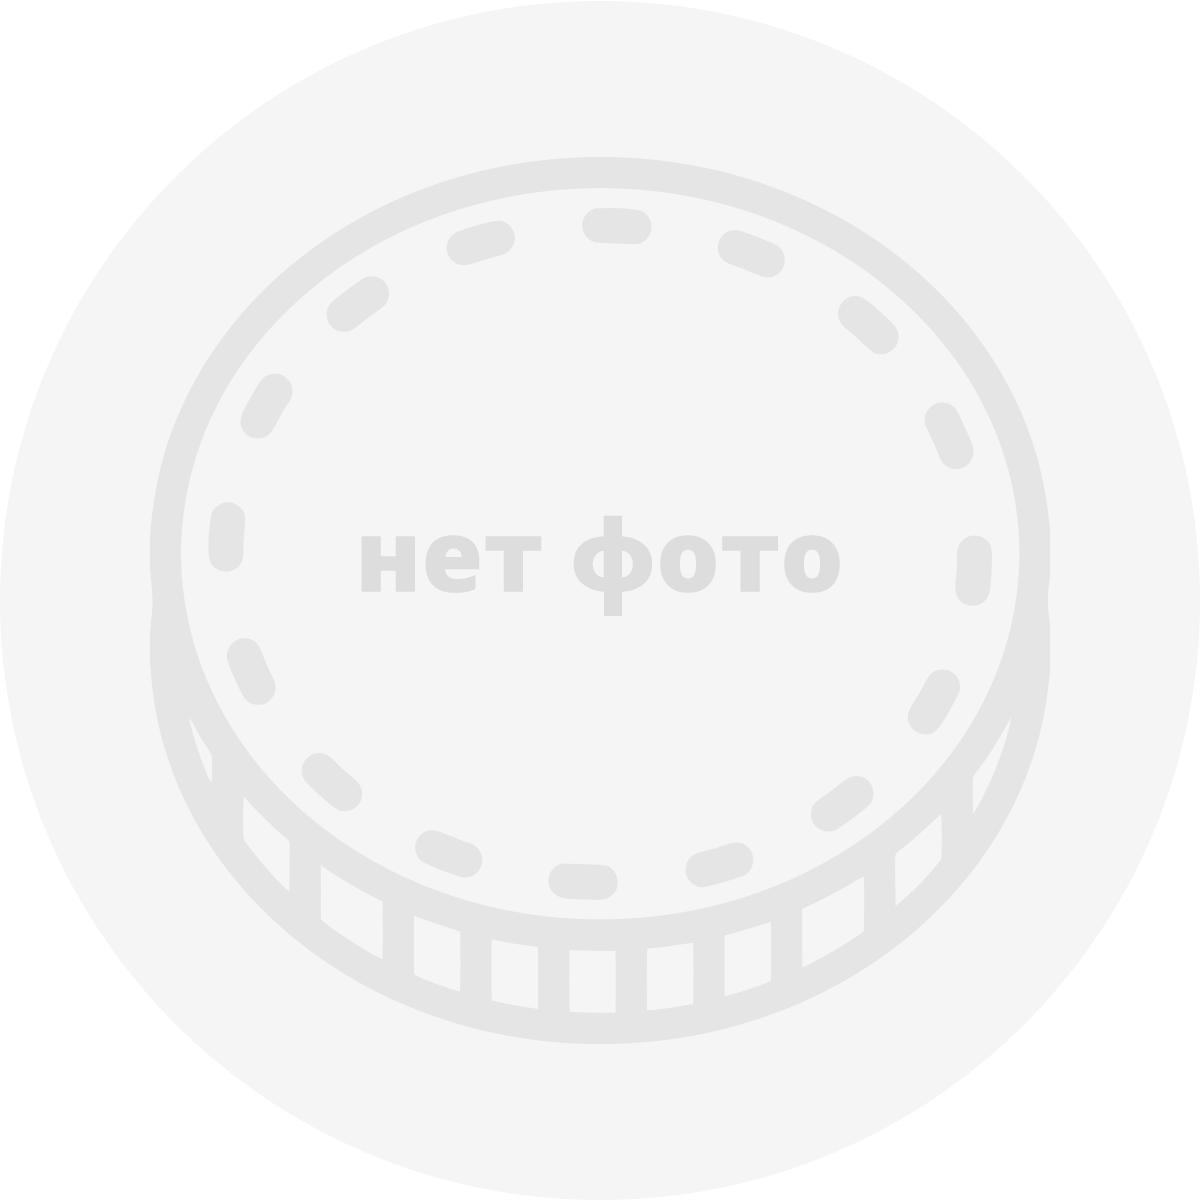 Остров Большой Элобей, Набор монет (2013 г.)